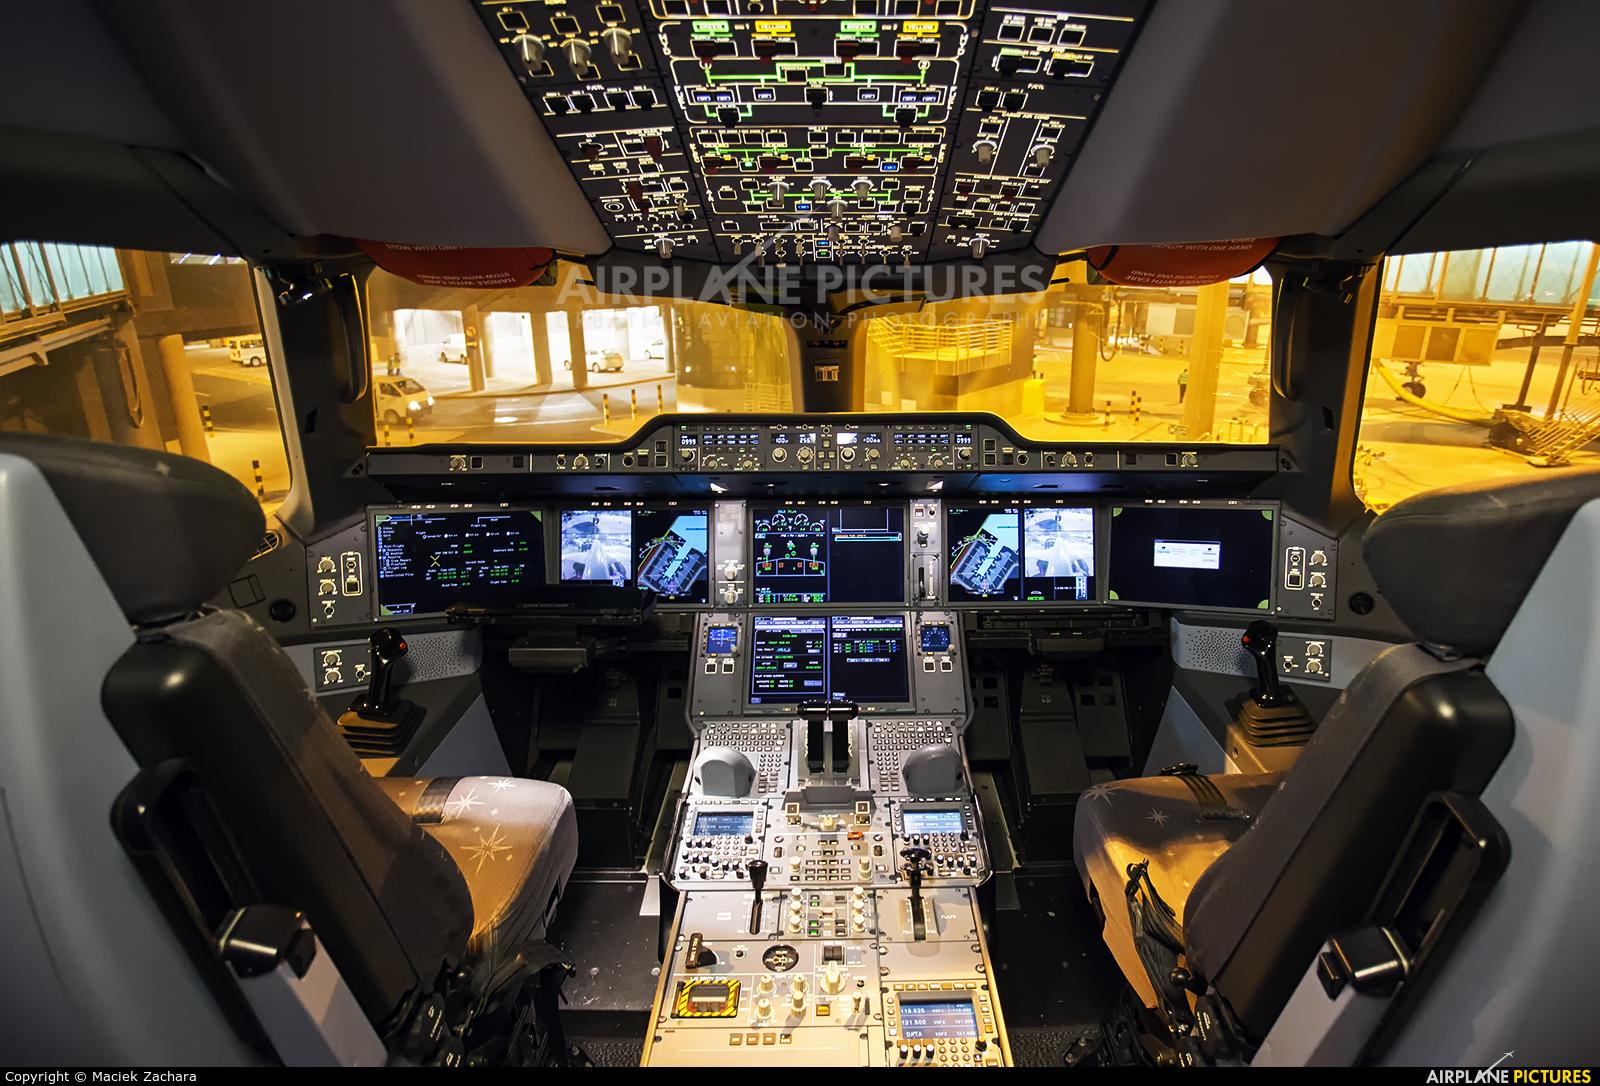 Qatar Airways A7-ALA aircraft at New Doha